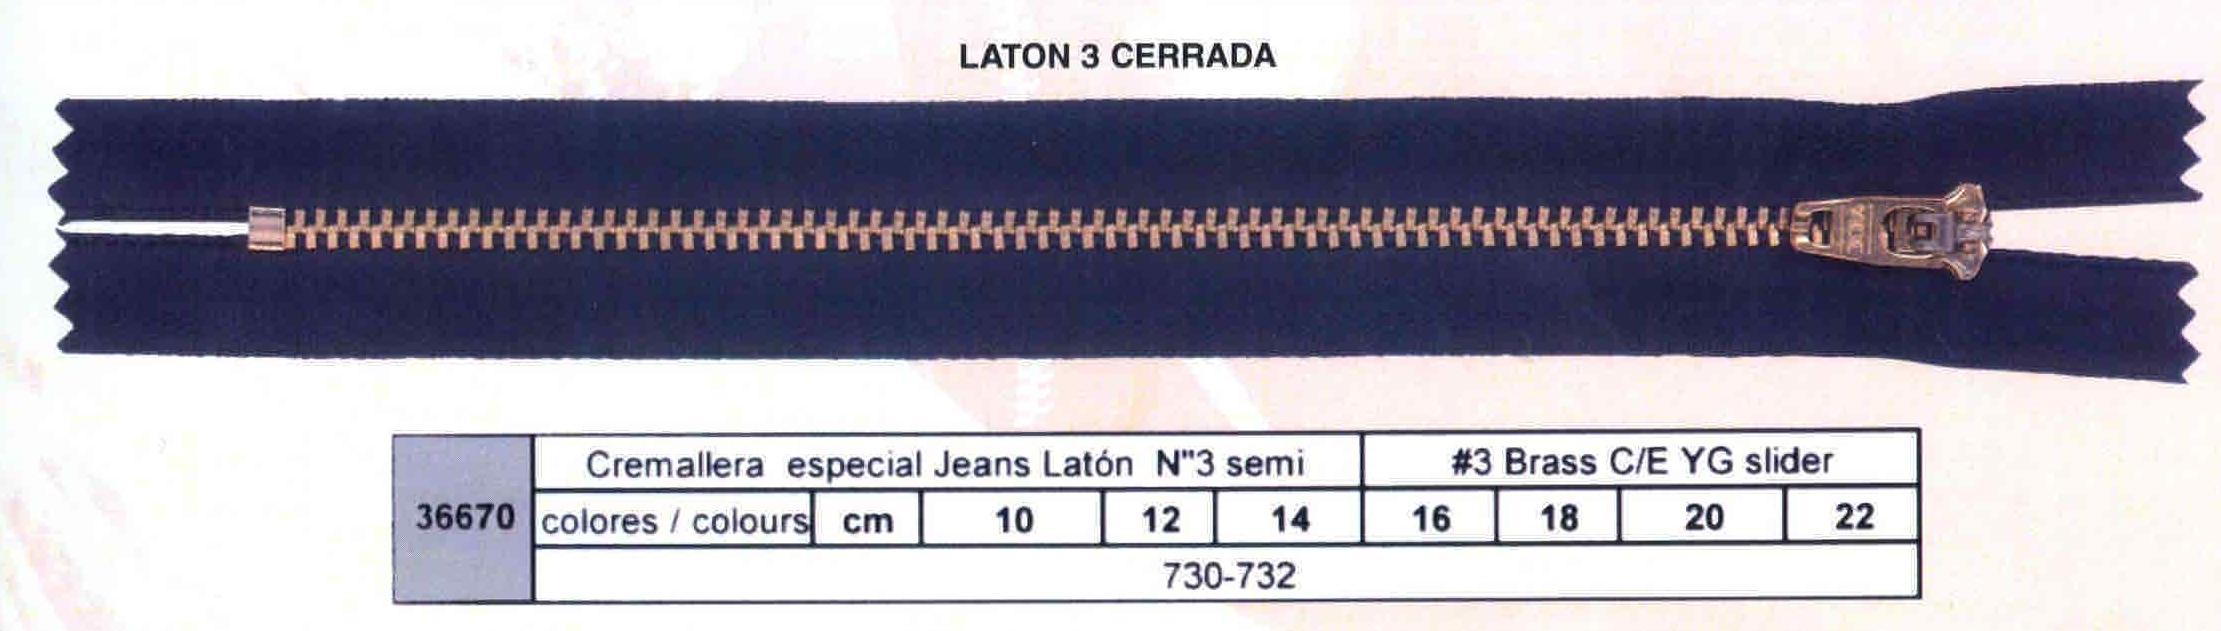 Cremallera SNS Especial Tejano Latón num. 3 Semiautomática